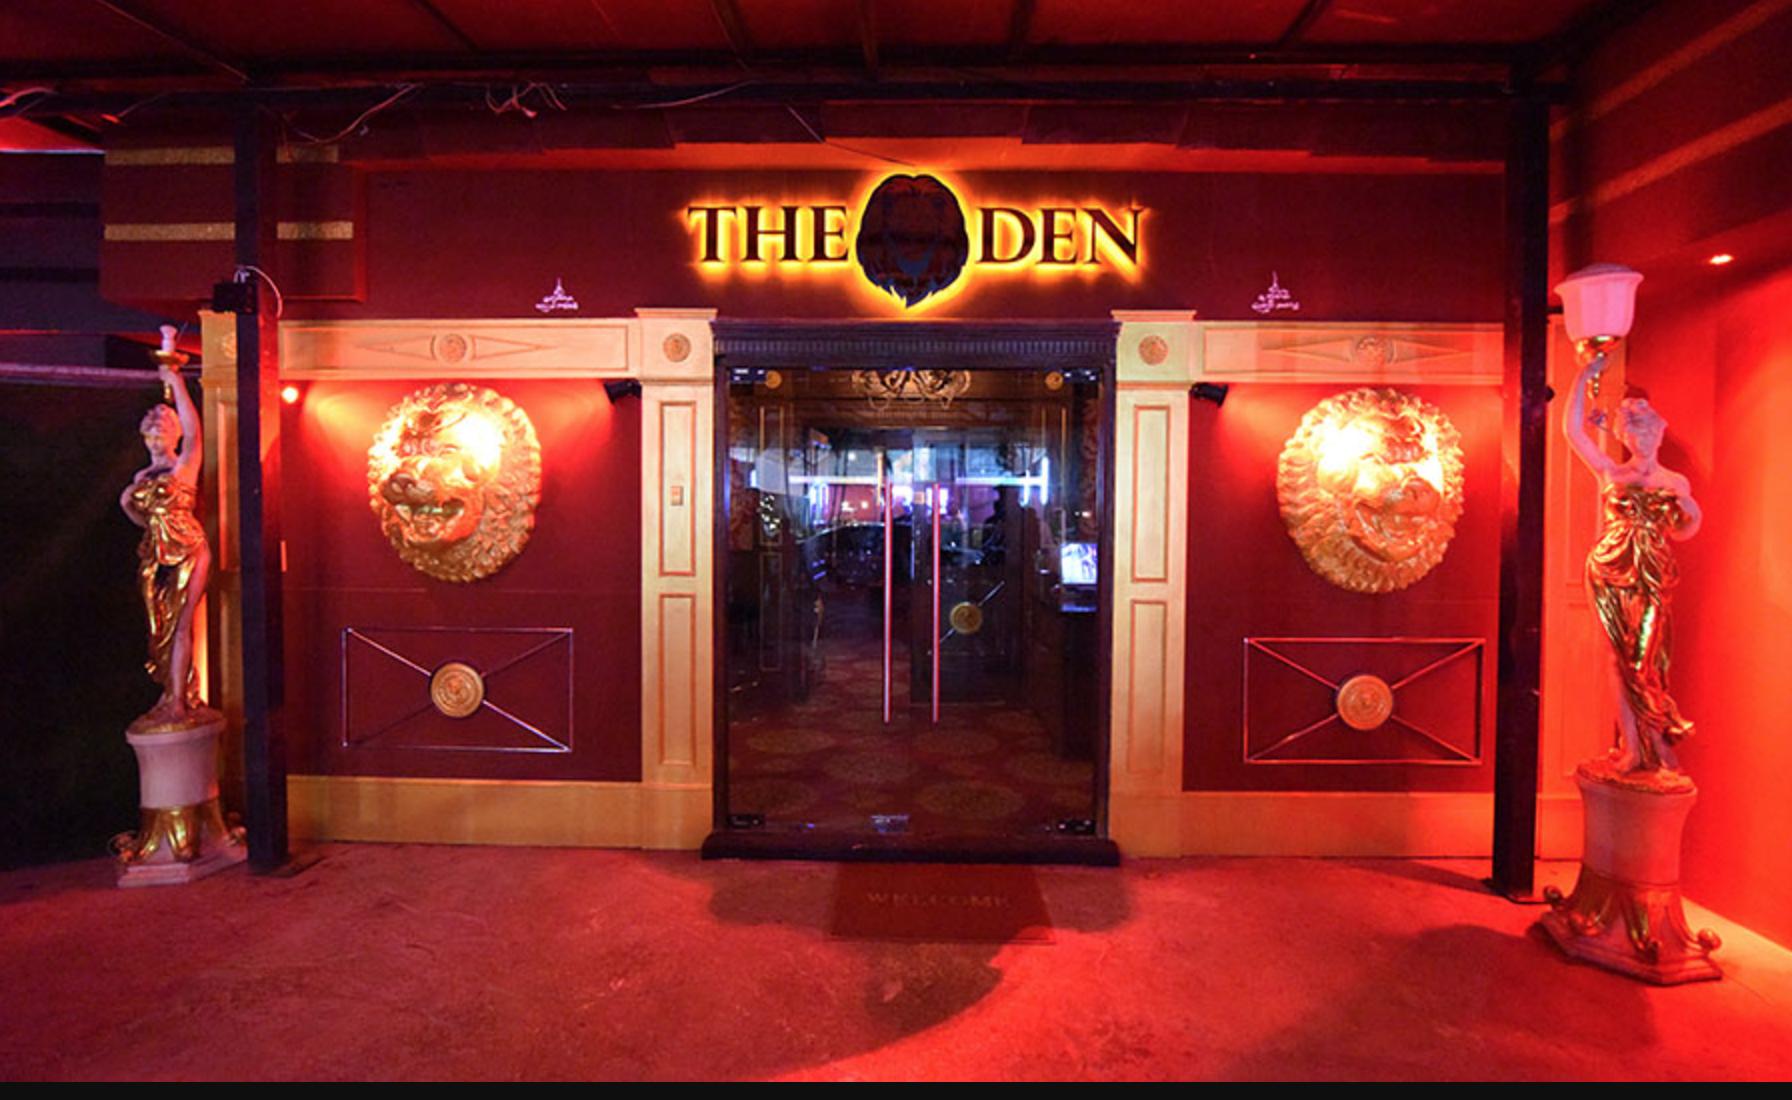 The Den Gentlemen's Club